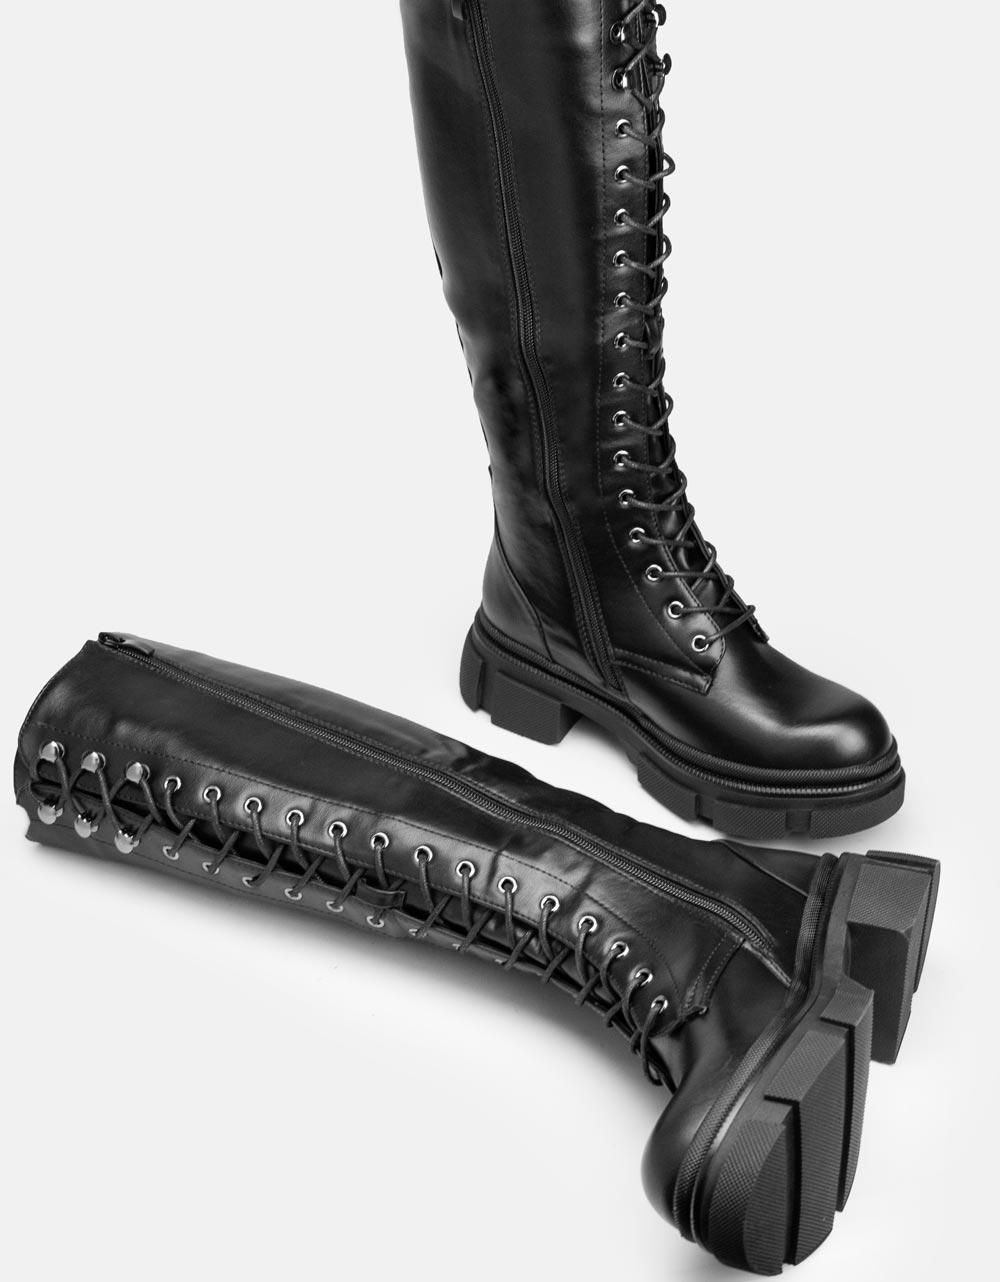 Εικόνα από Γυναικείες μπότες με τρακτερωτή σόλα Μαύρο